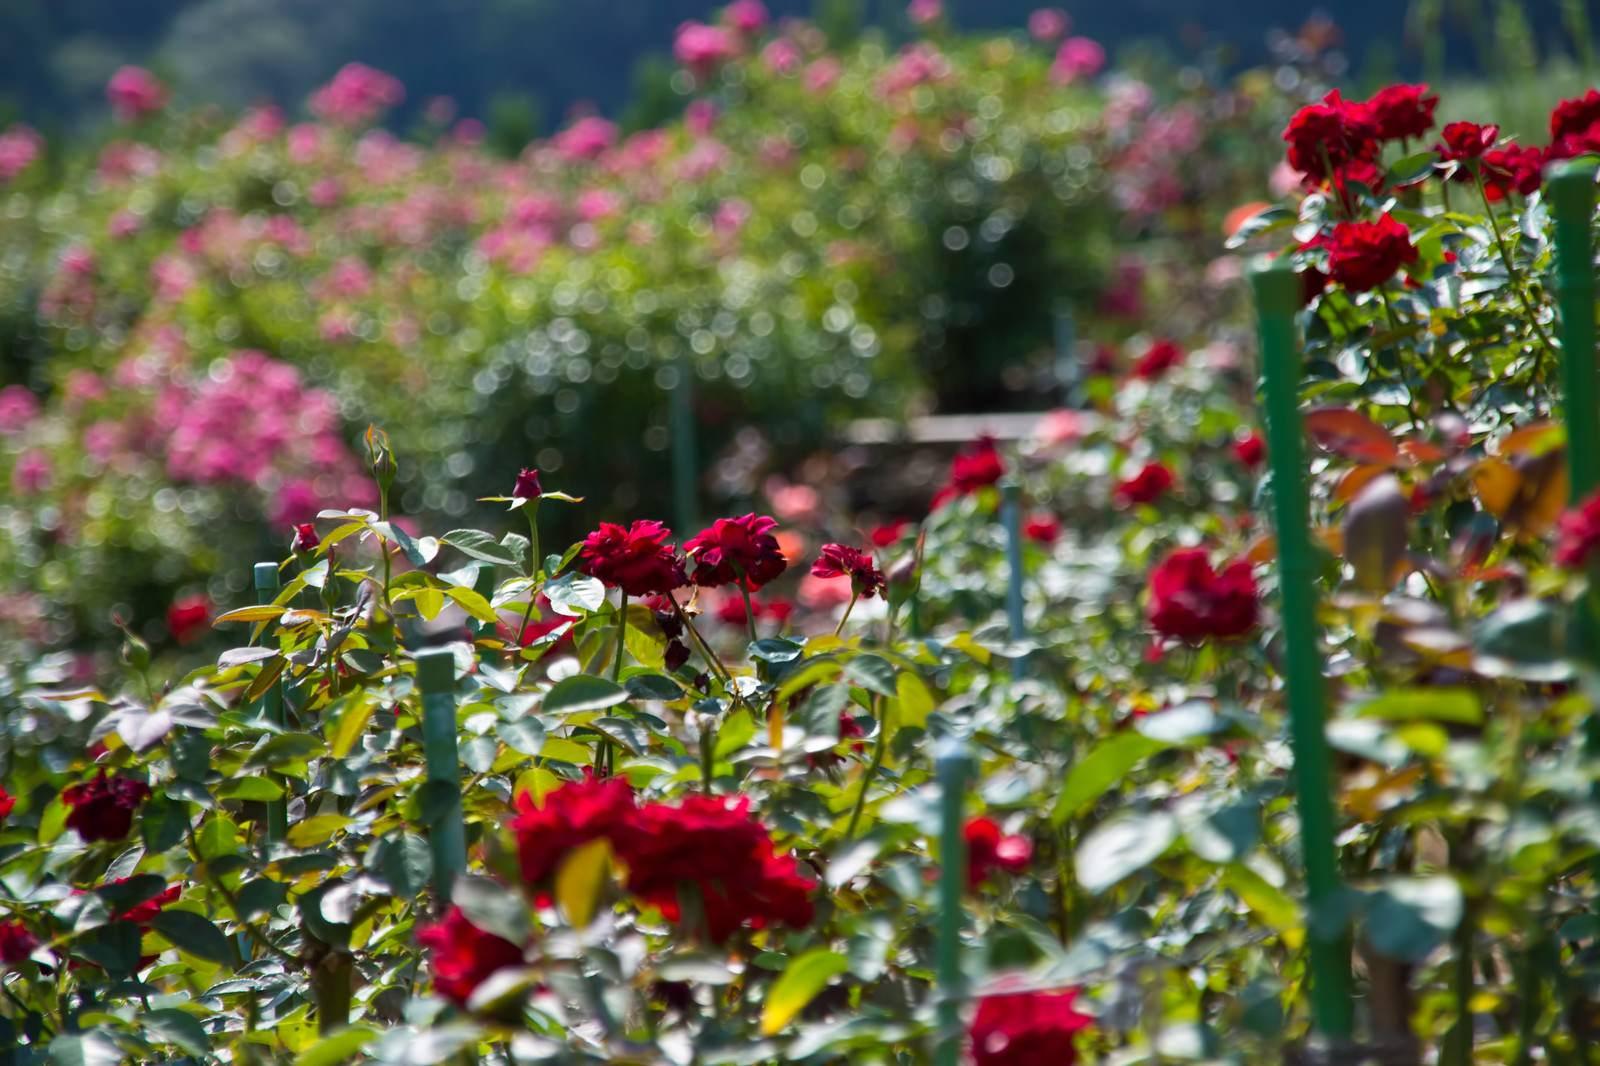 「一面に広がるバラ一面に広がるバラ」のフリー写真素材を拡大